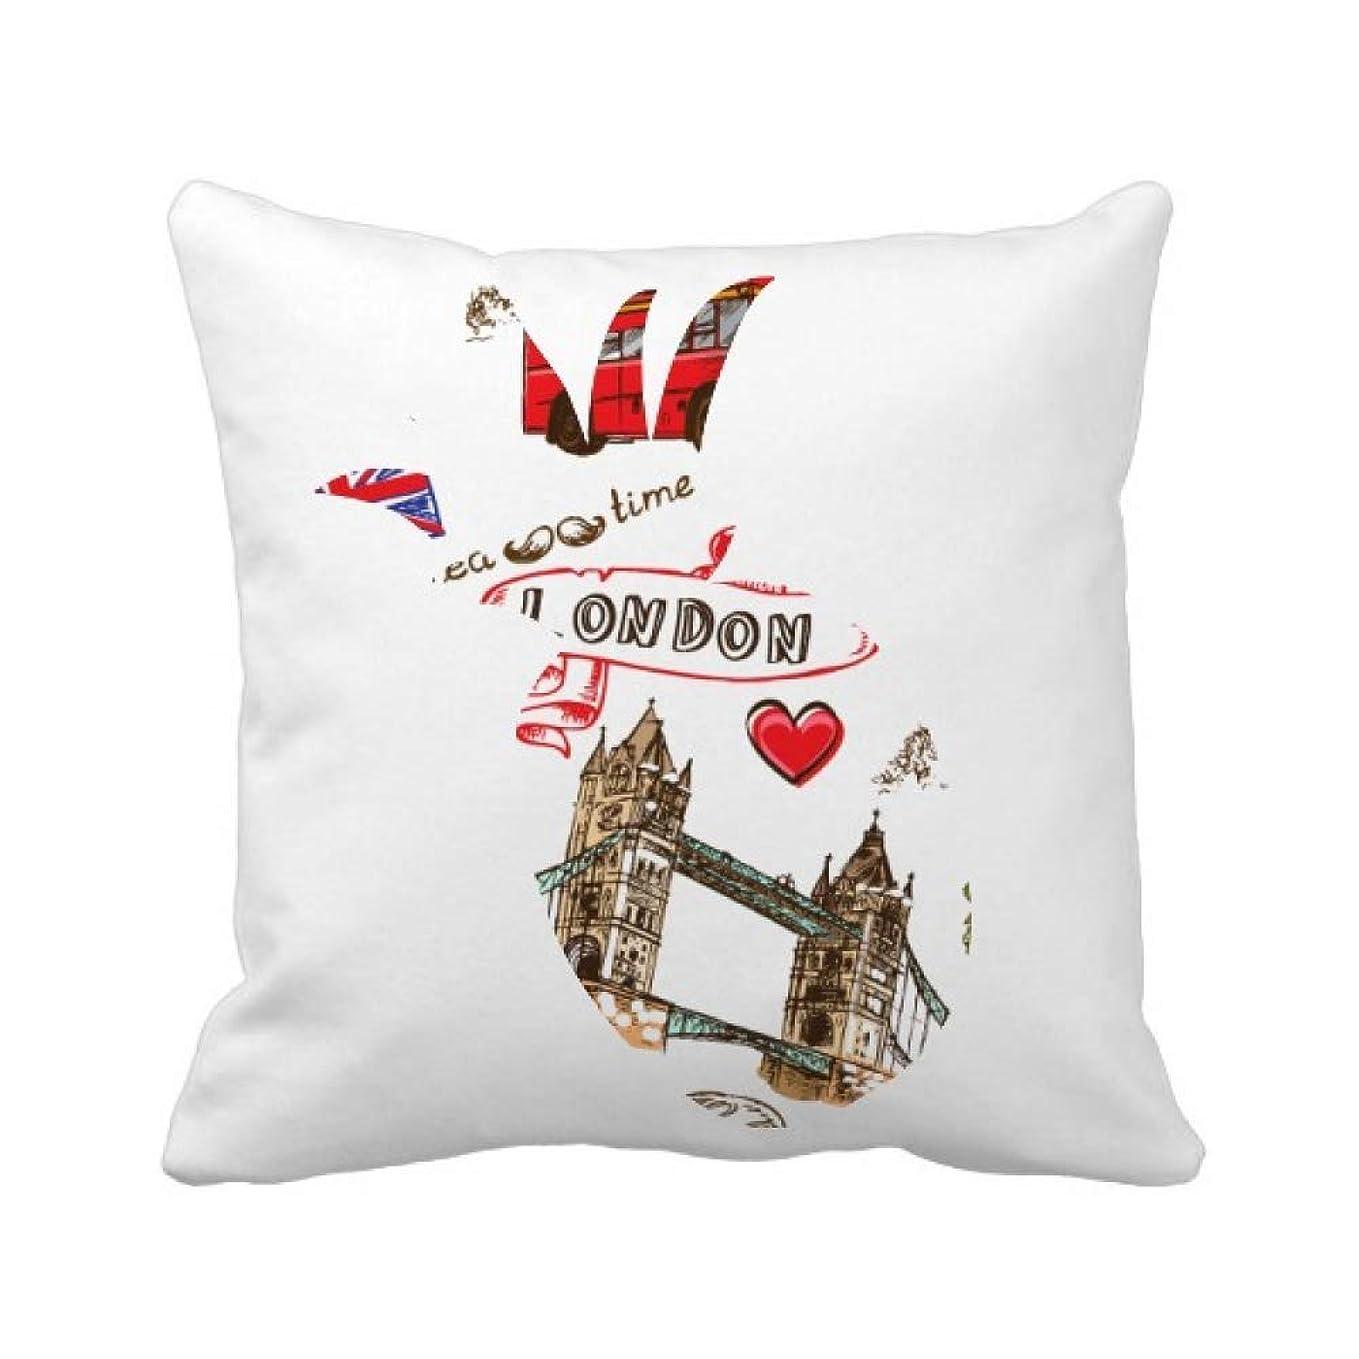 プラスチック品合体愛の心の塔バス車英国イングランドの旗マークハンバーガーランドマークイラストパターン パイナップル枕カバー正方形を投げる 50cm x 50cm